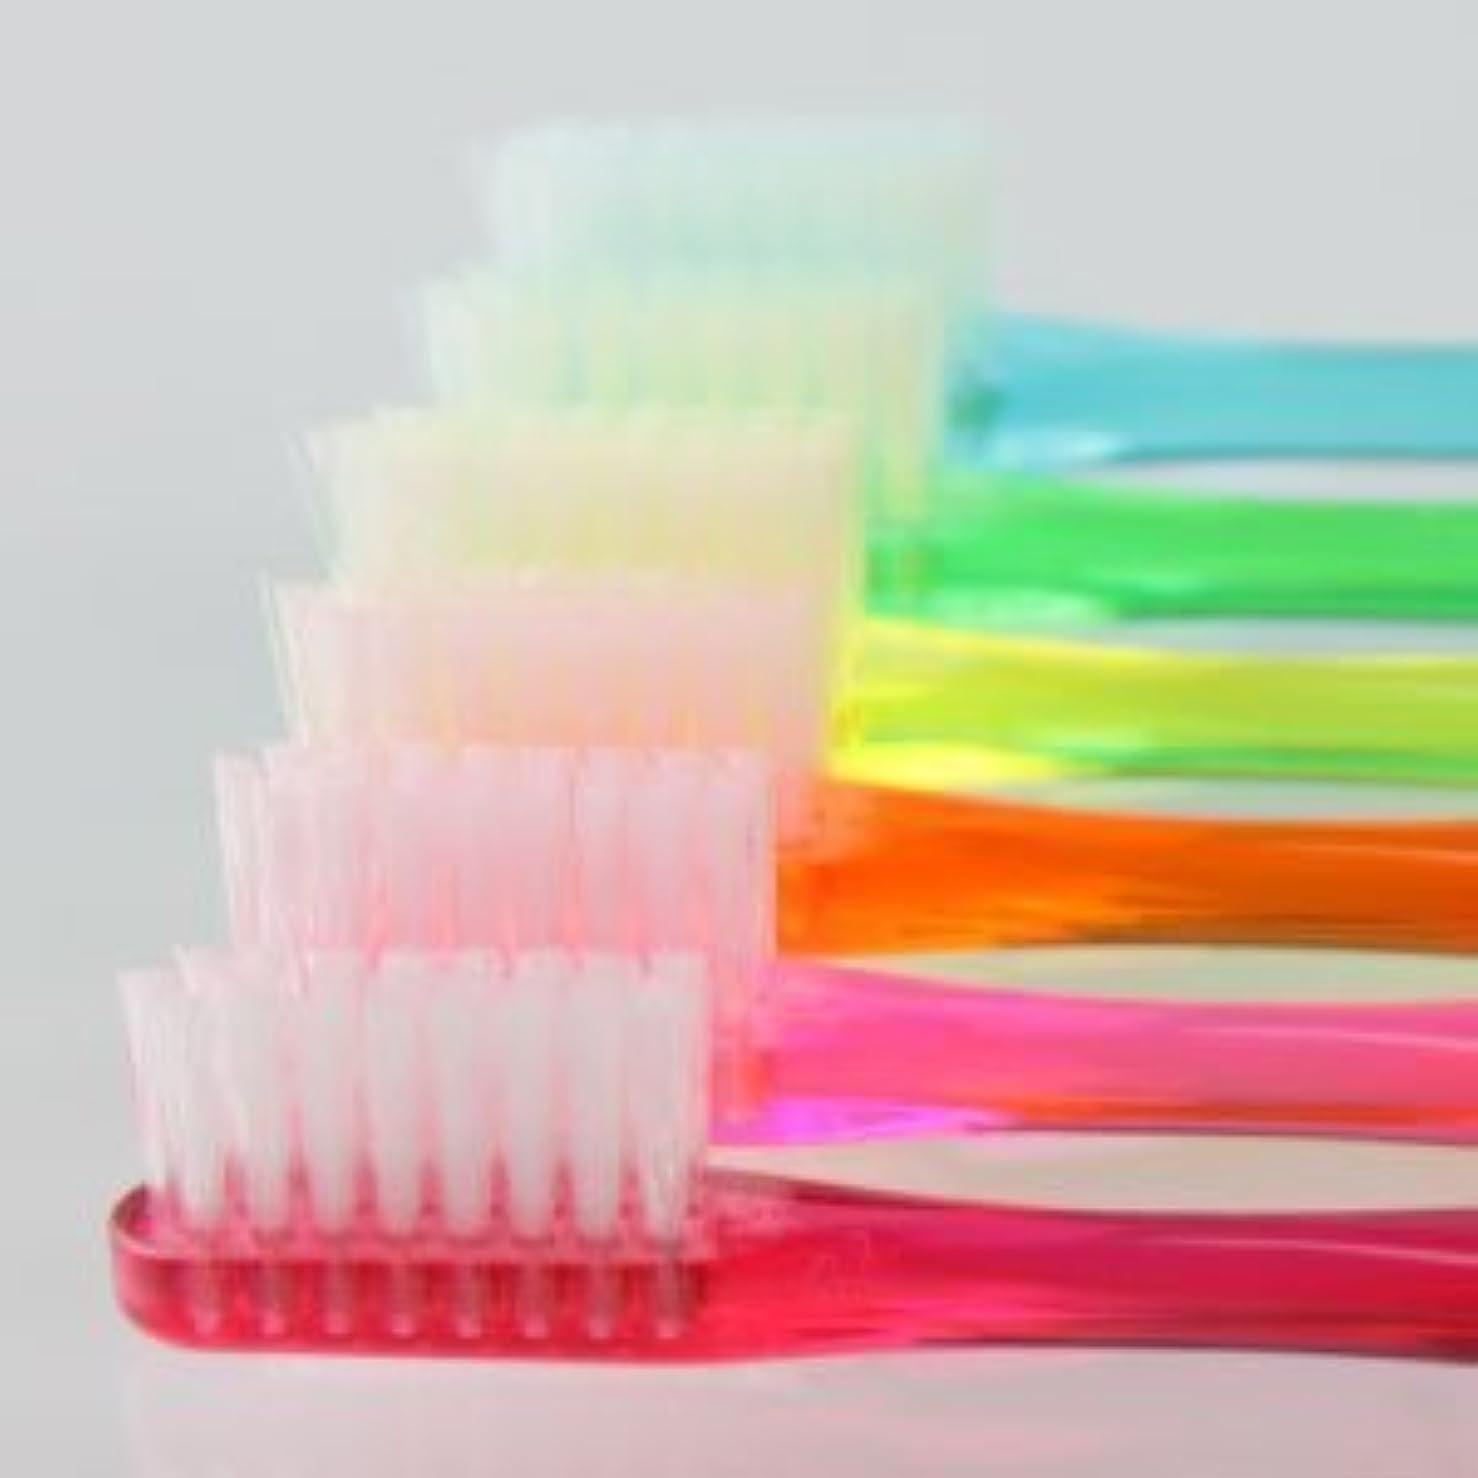 テレマコス和らげる社説サムフレンド 歯ブラシ #21(ミディアム) 6本 ※お色は当店お任せです